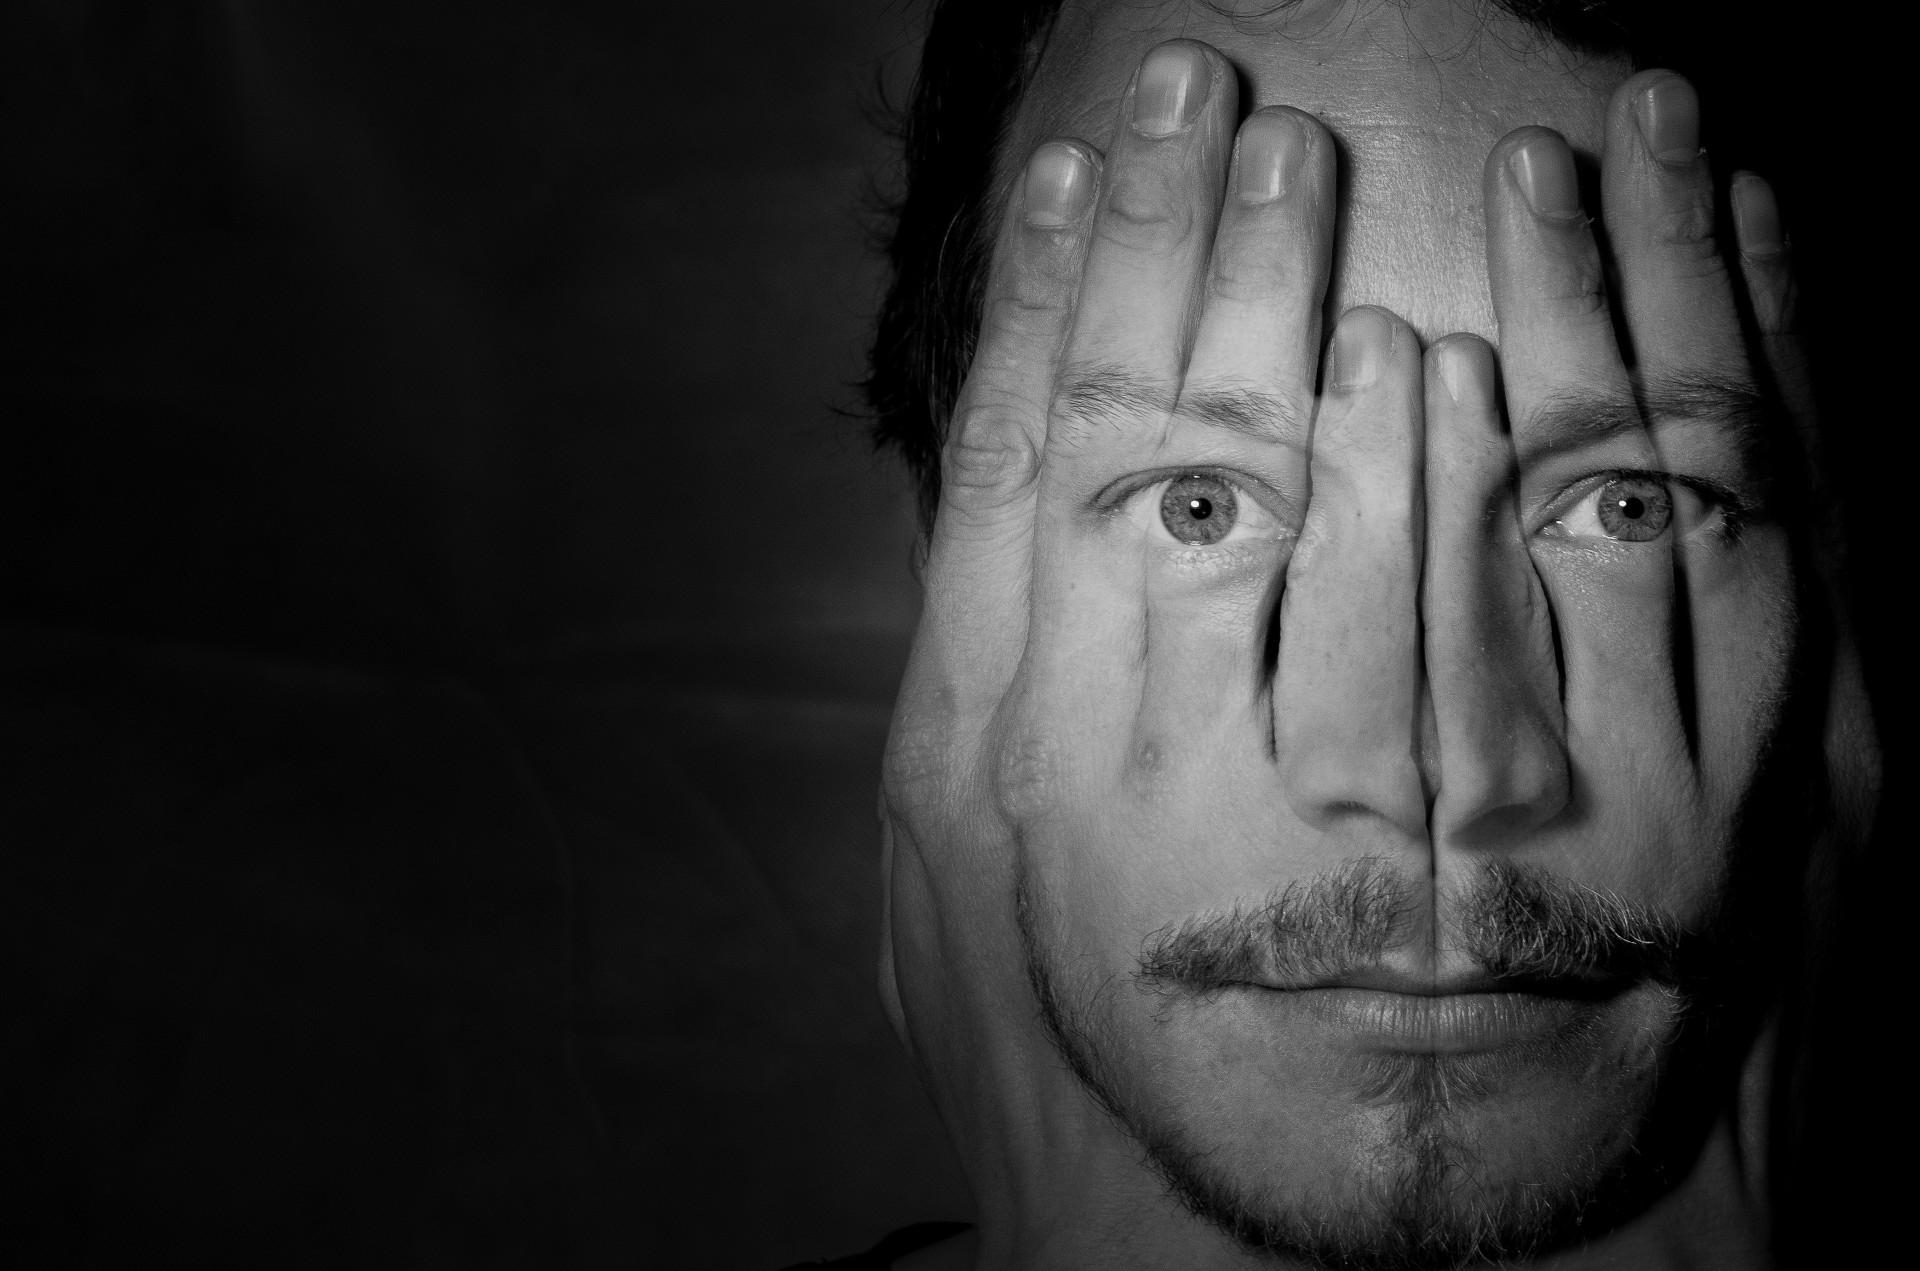 geny a schizofrenia